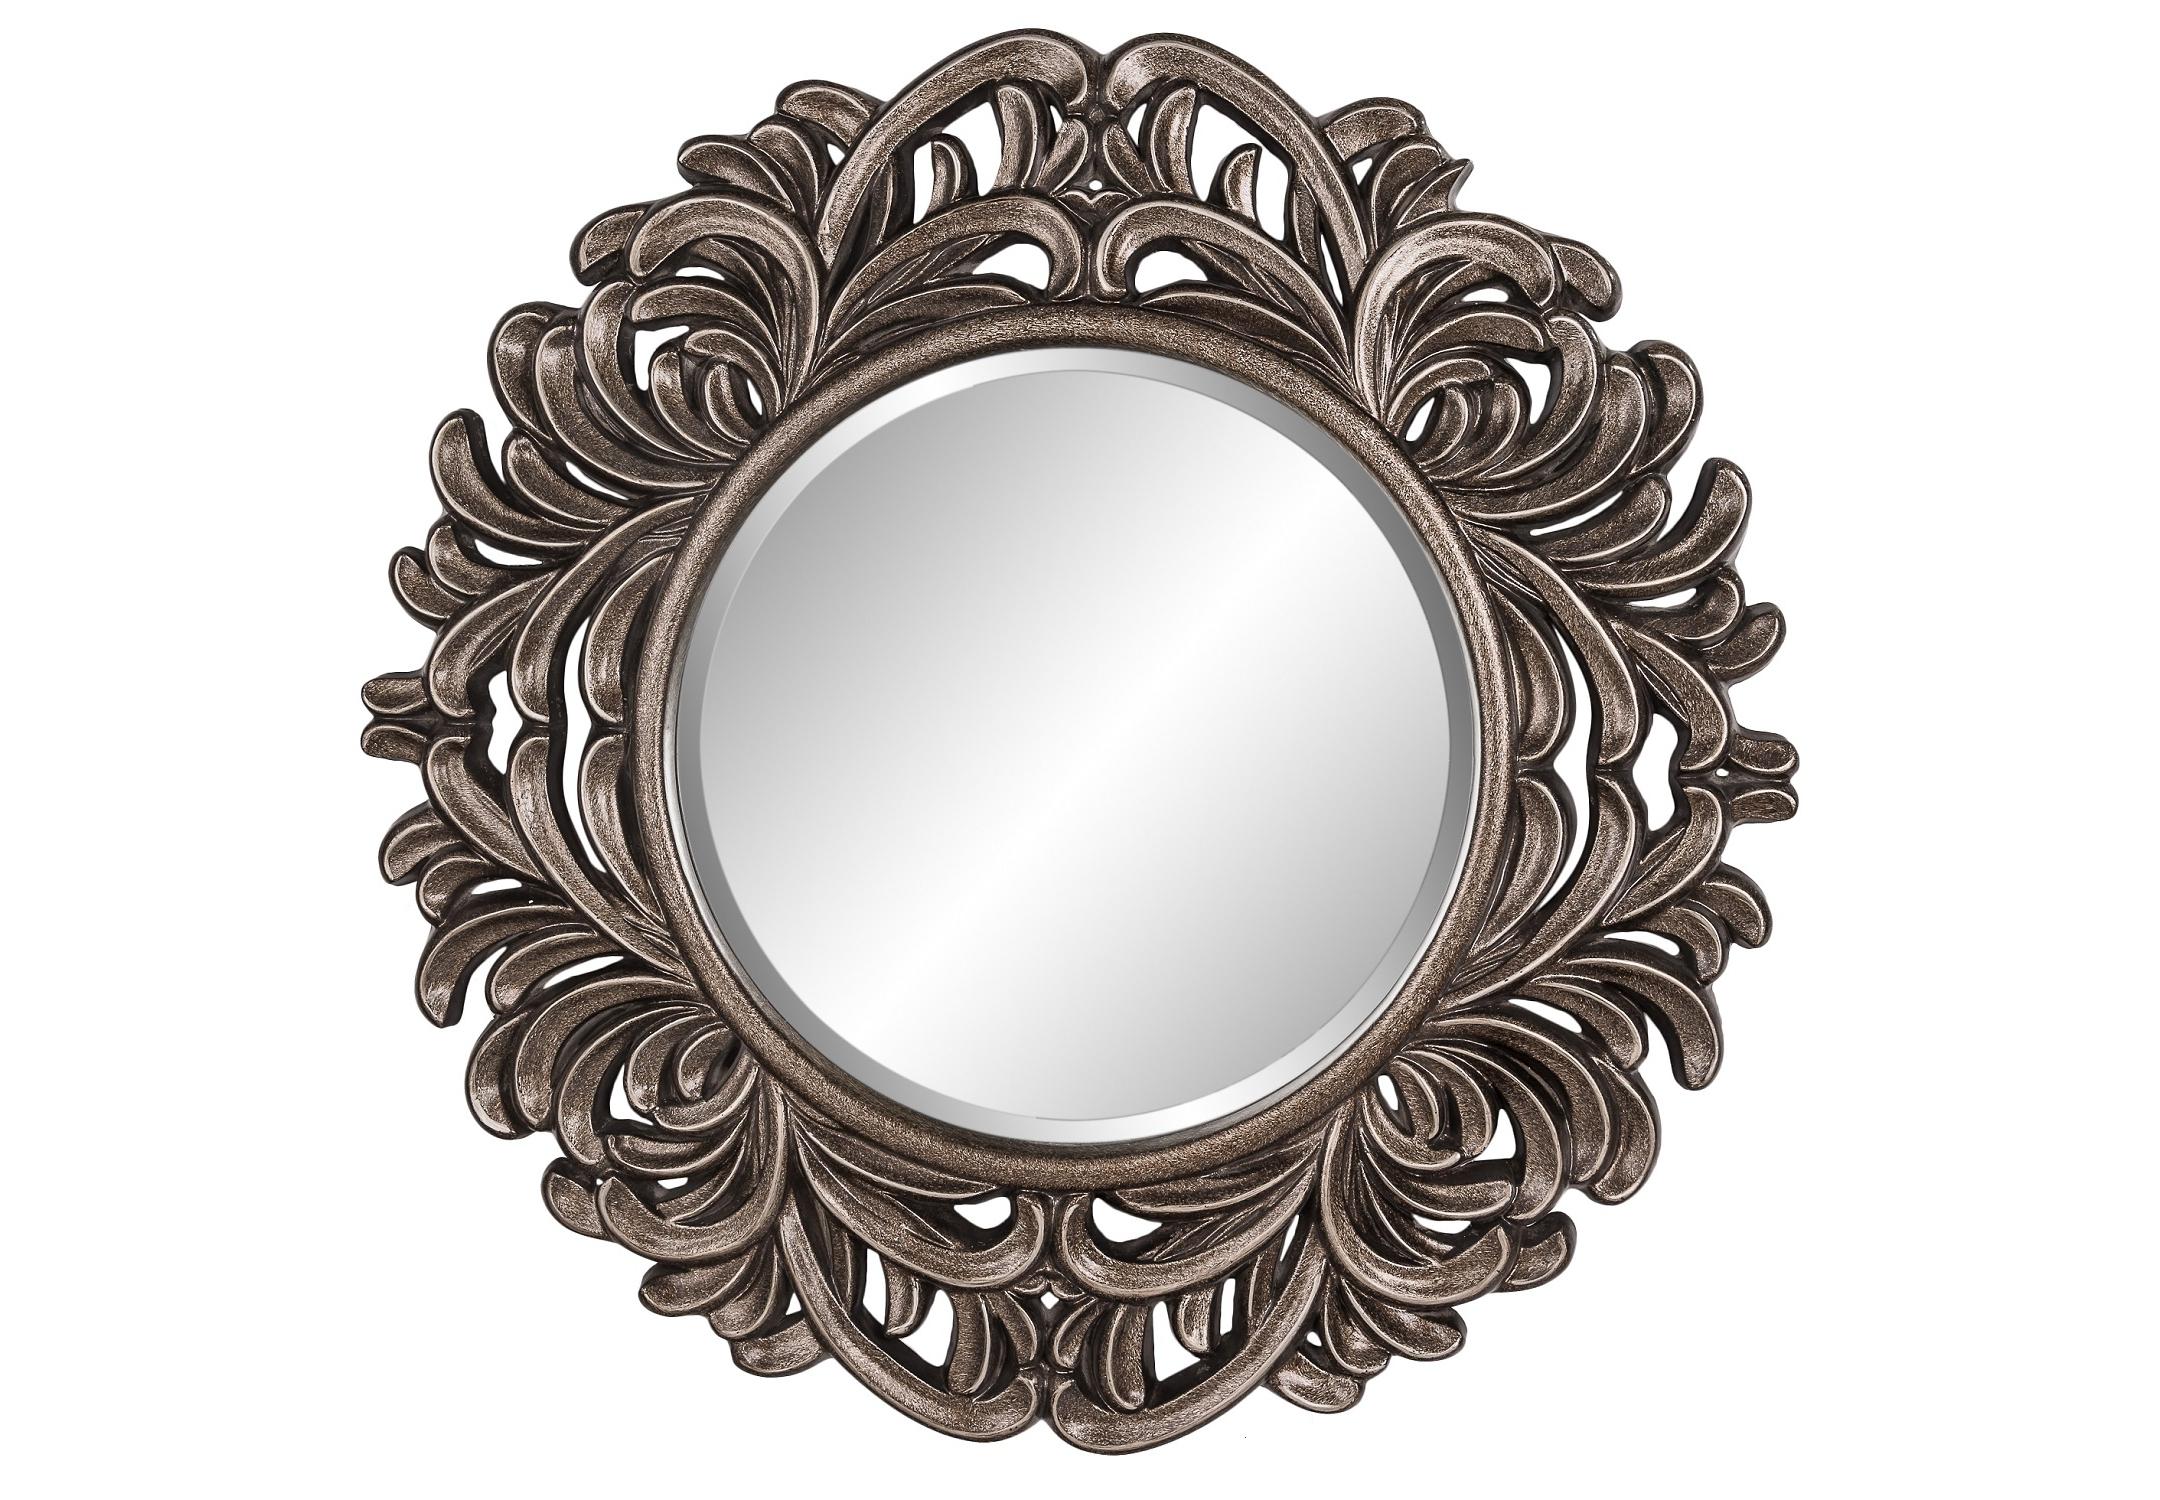 Зеркало в раме модерн Palm SilverНастенные зеркала<br><br><br>Material: Пластик<br>Глубина см: 4.0